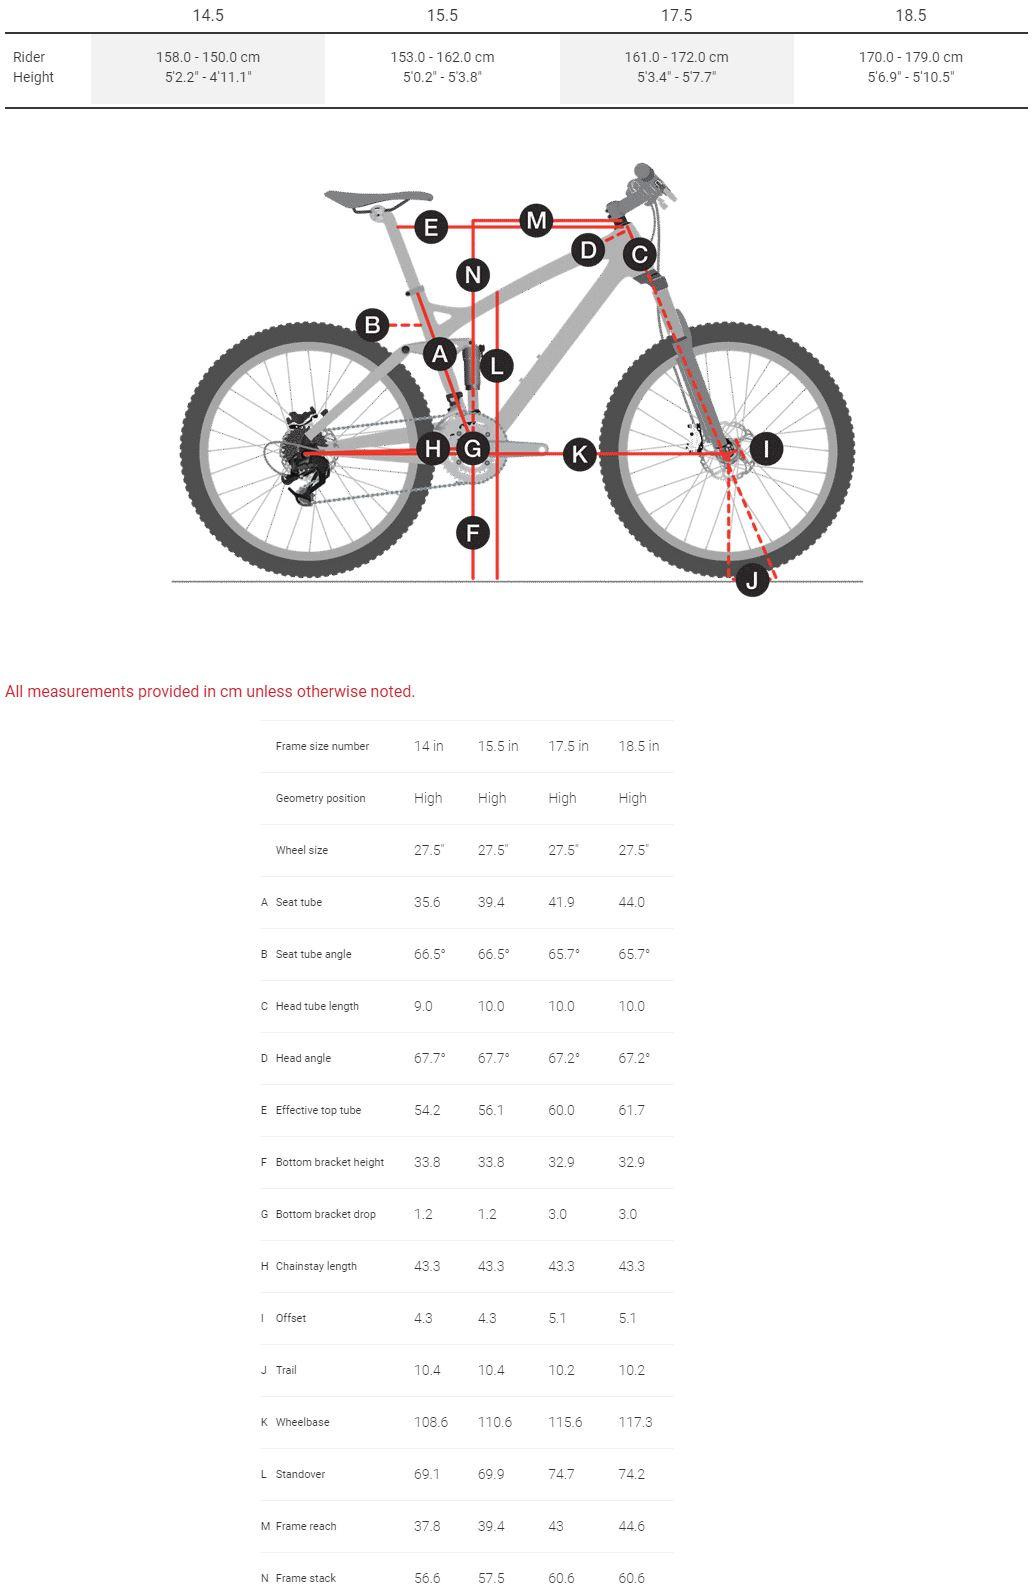 Trek Fuel EX Women's Geometry Chart